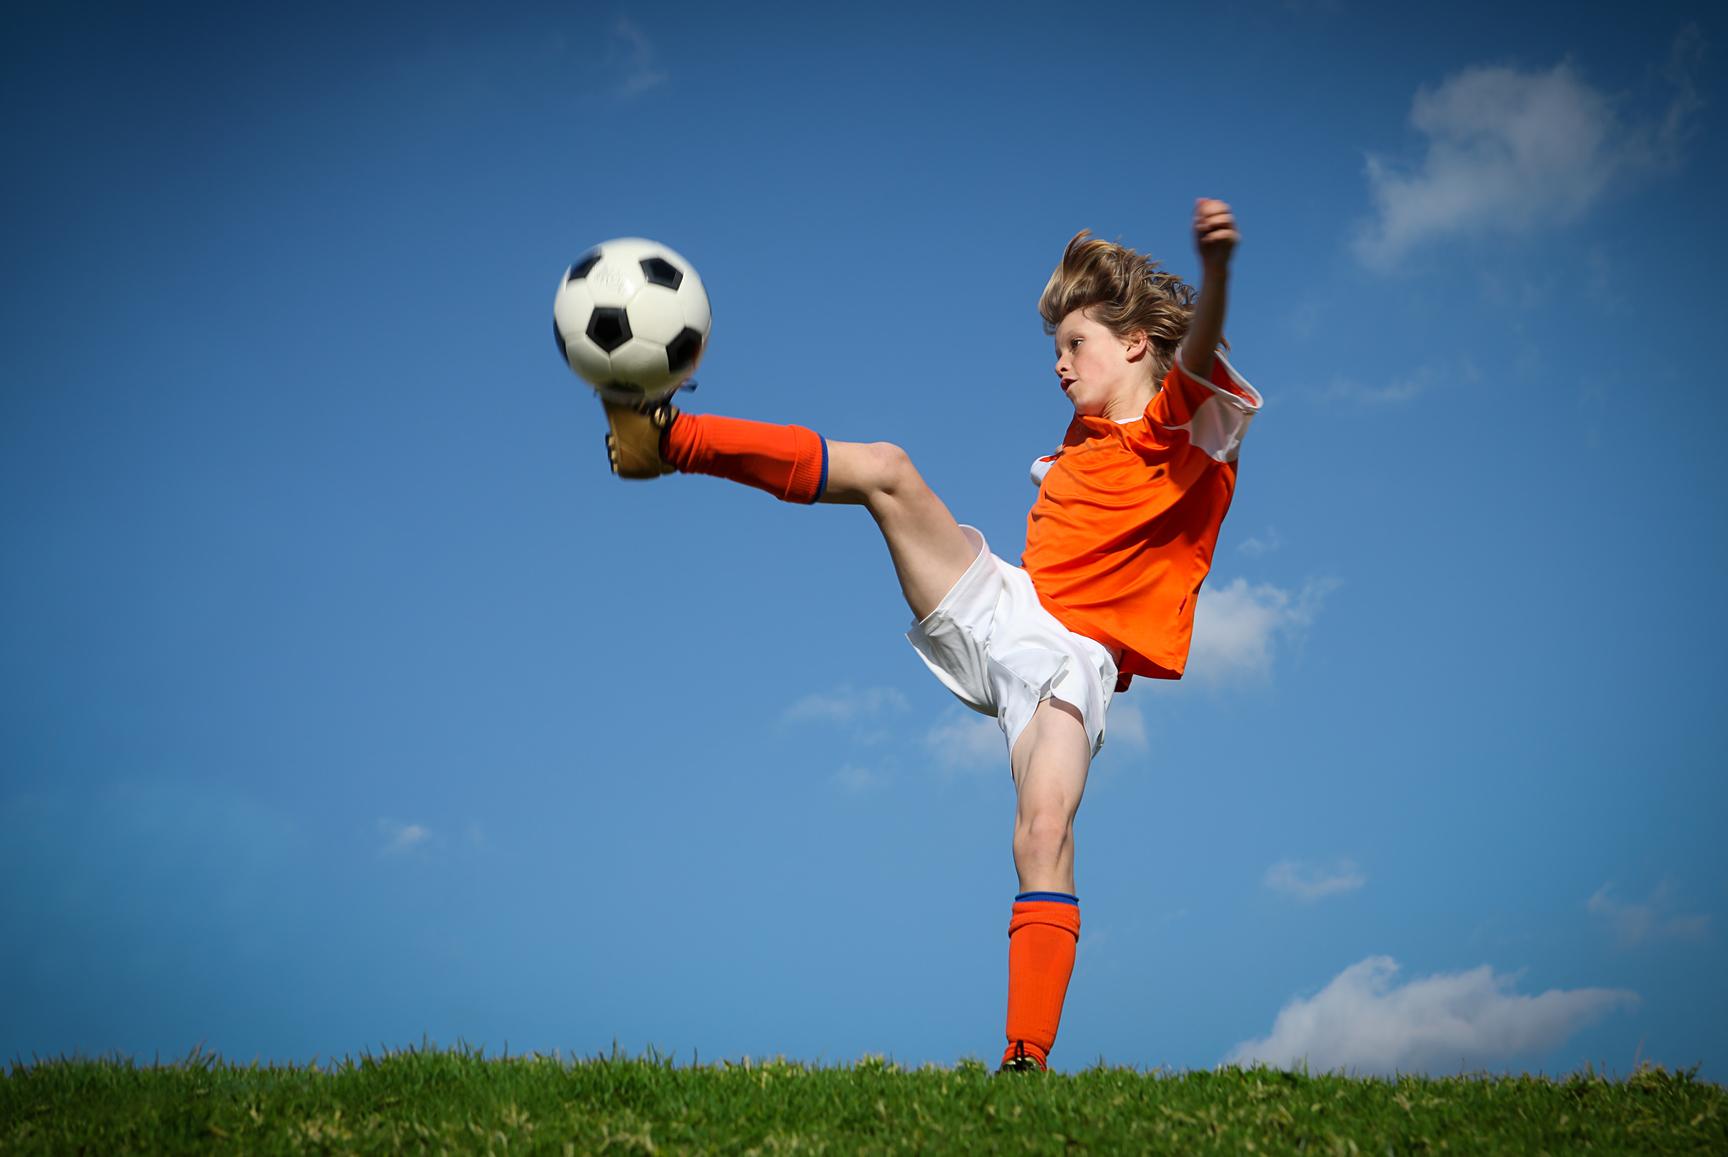 Cute Sky Blue Wallpaper Soccer Gallery In The Net Sports Academy